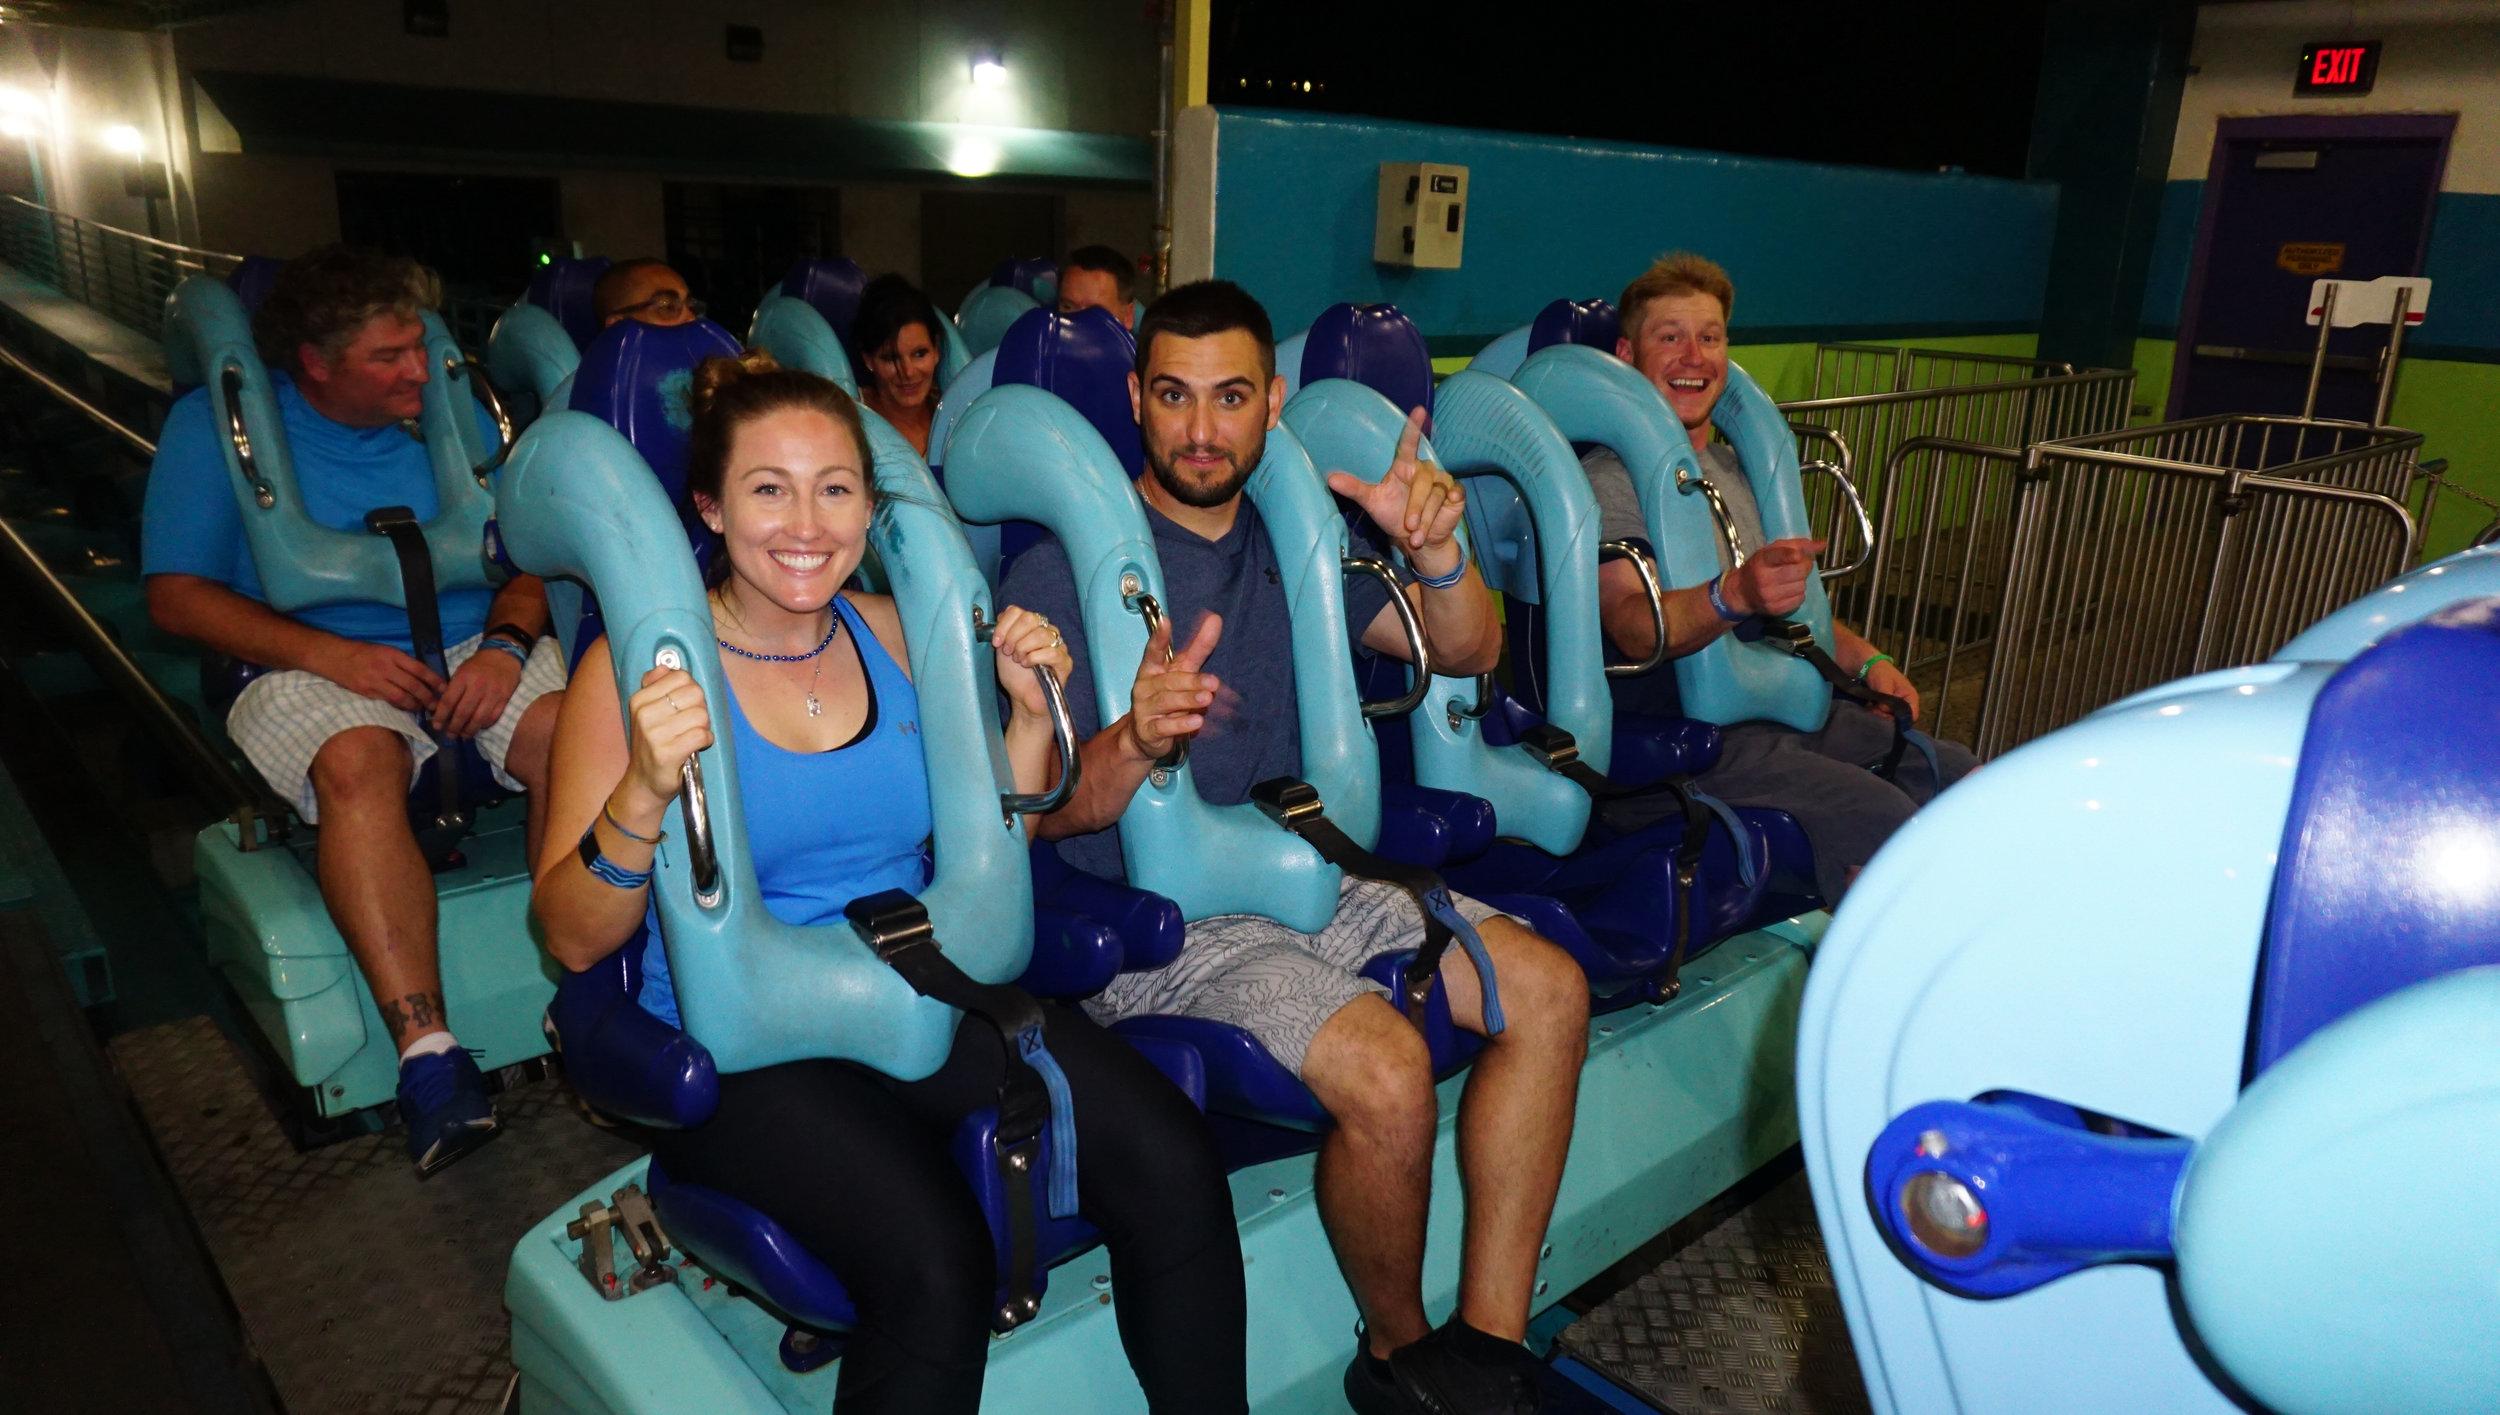 0 - SW - EJ and Jayne on ride.JPG